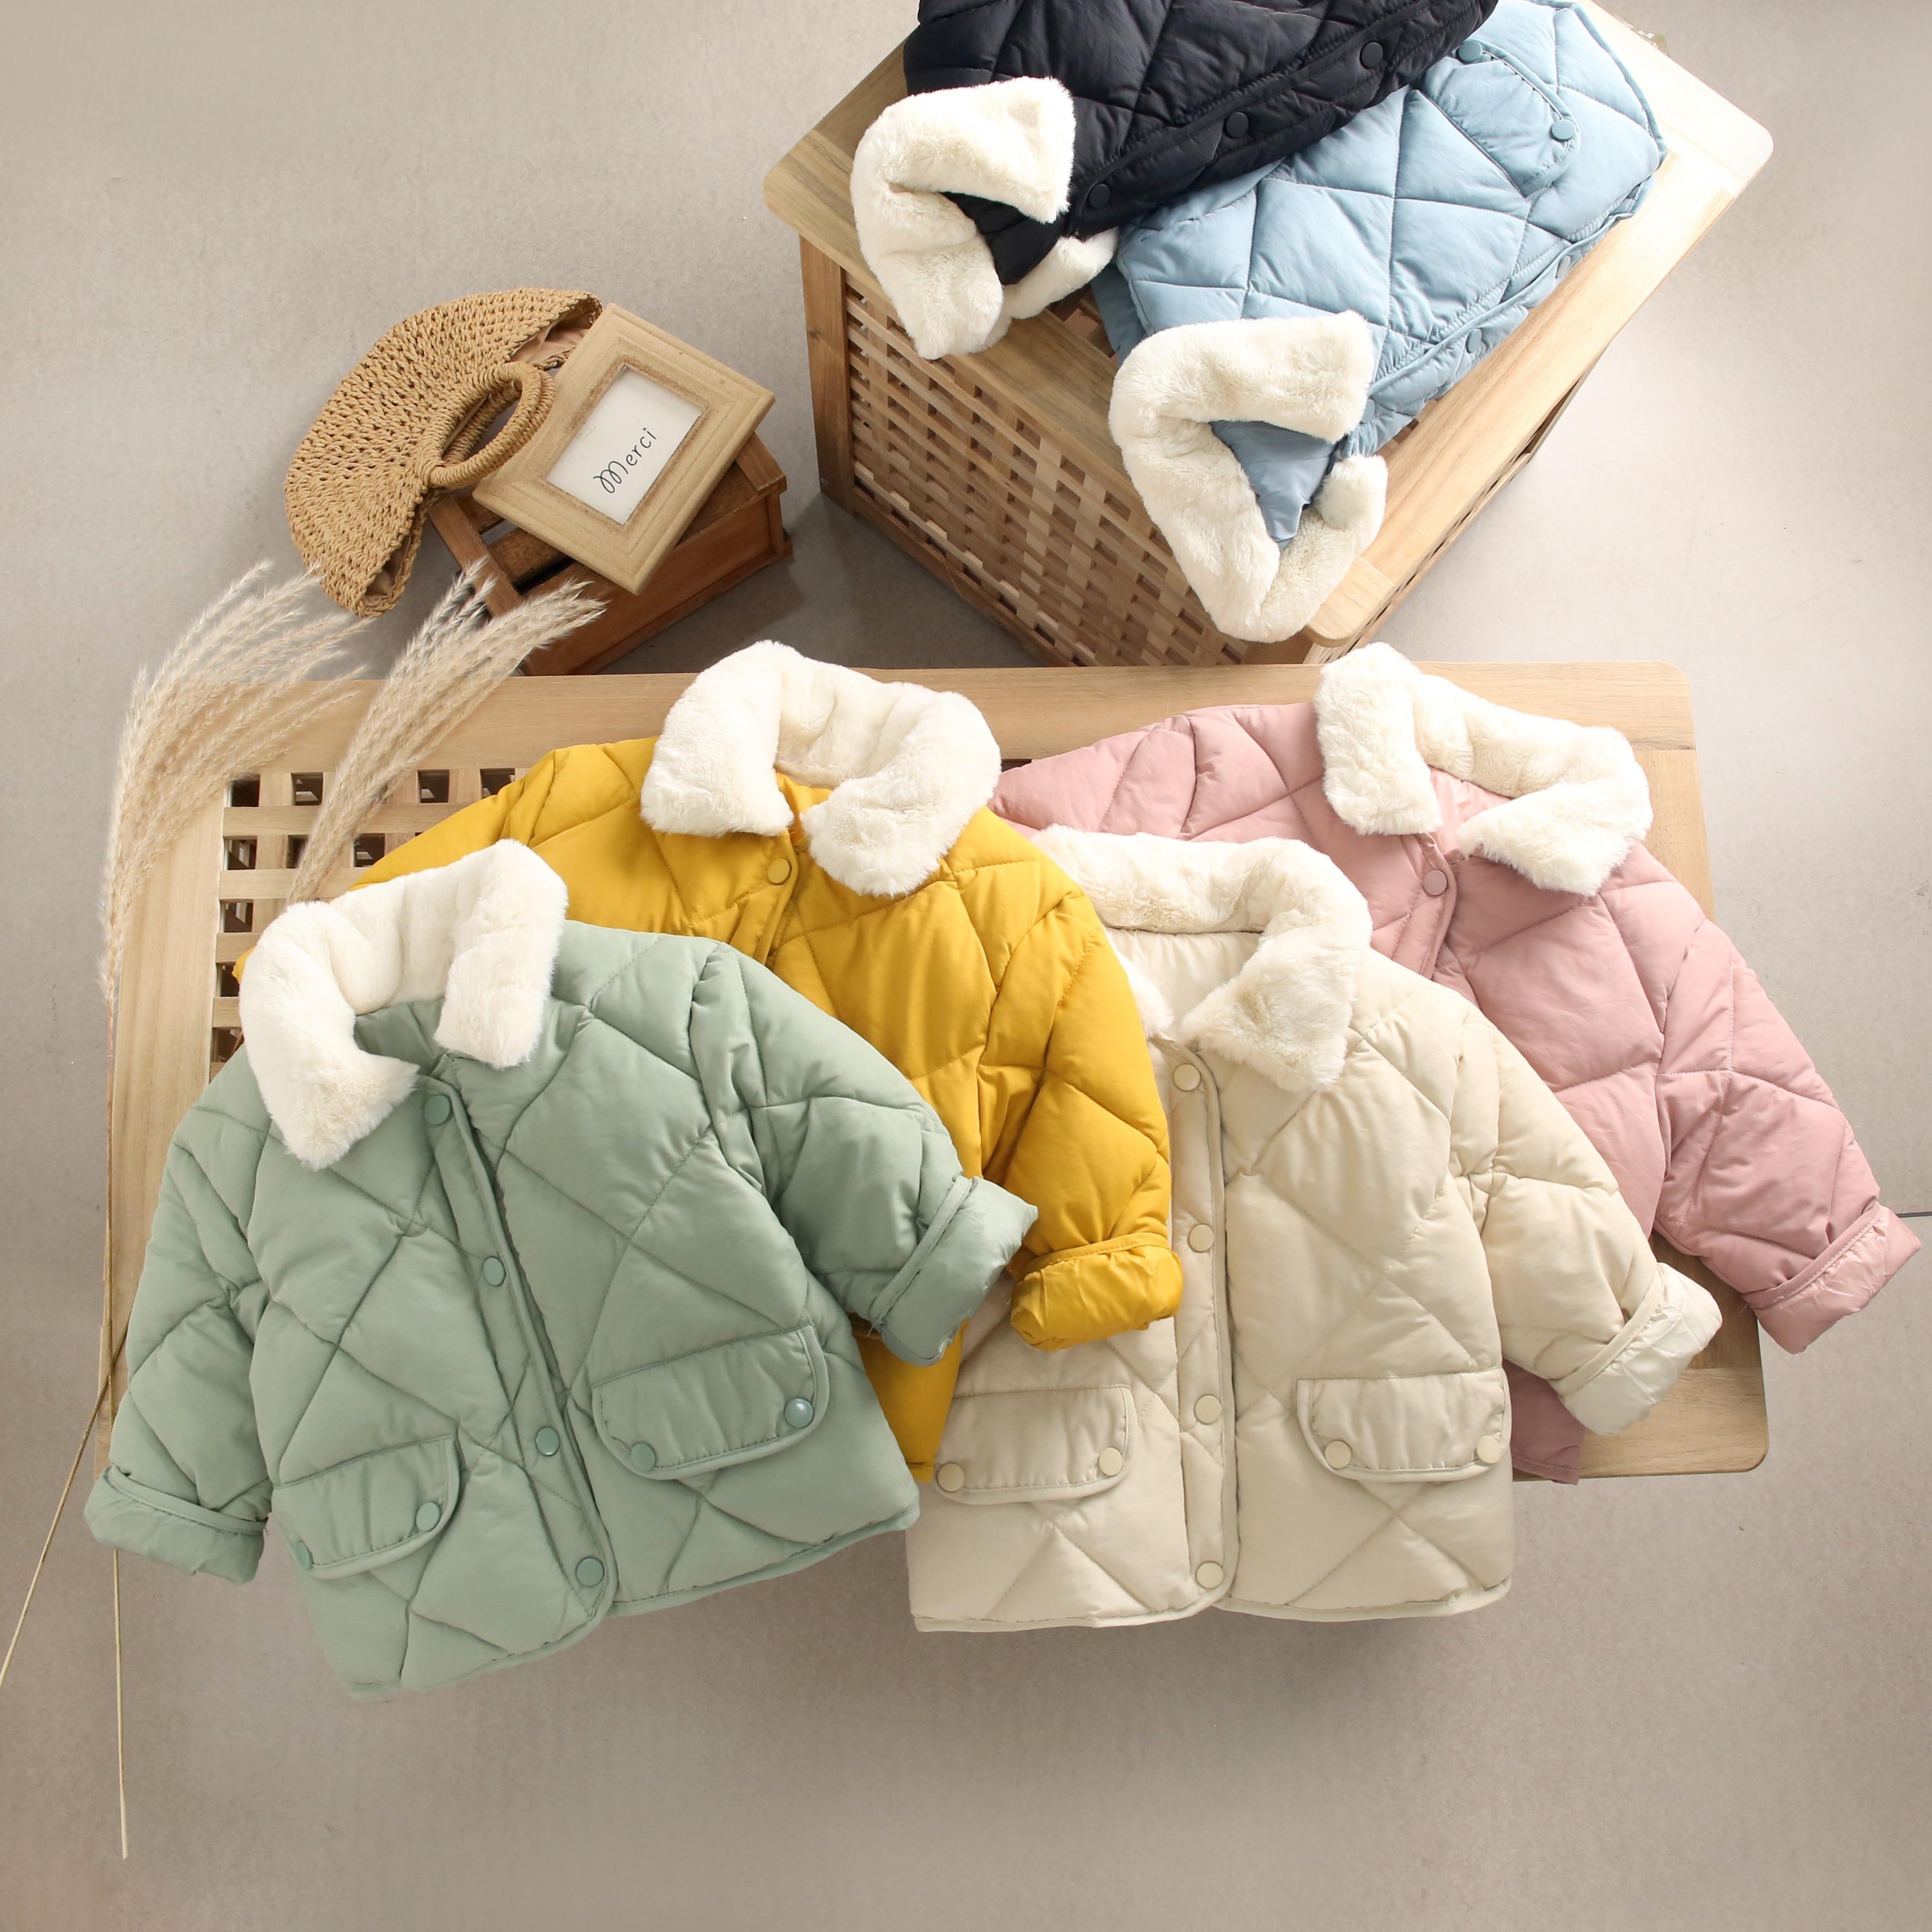 16.94US $ 35% OFF 2021 New Winter Children's Warm Cotton Jackets Girls Clothes Kids&Babys Rabbit Fur...